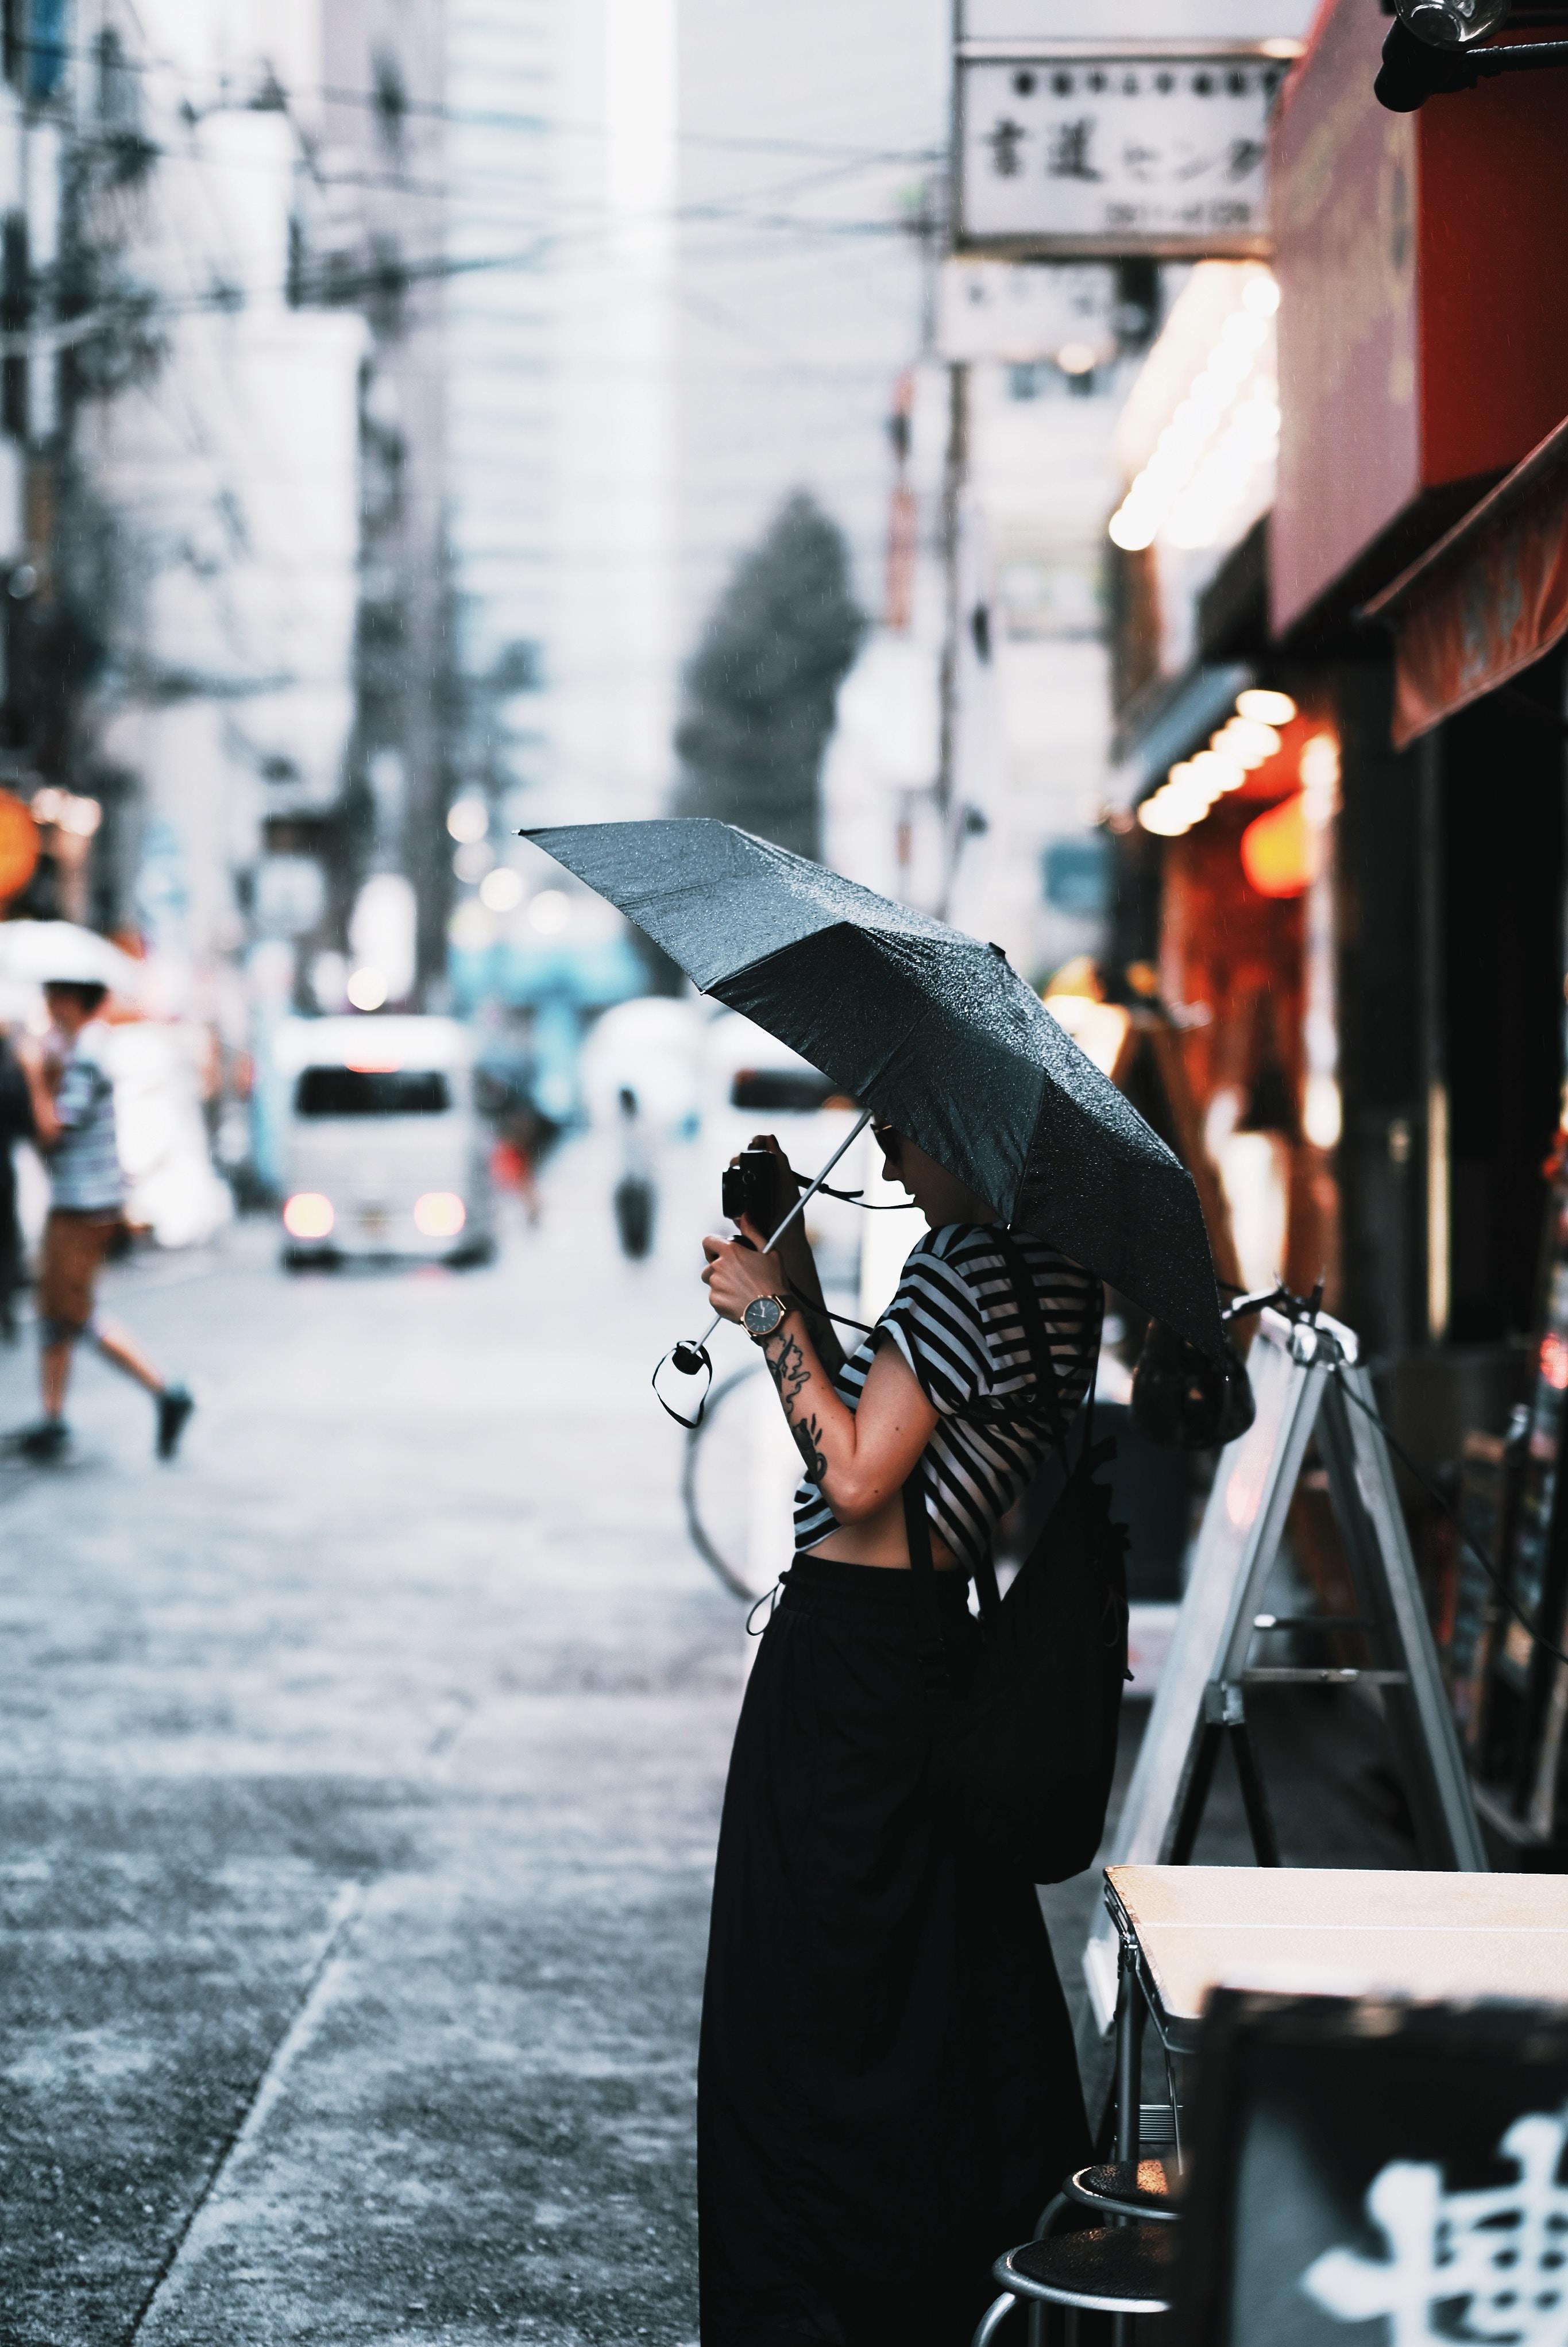 Rain stories